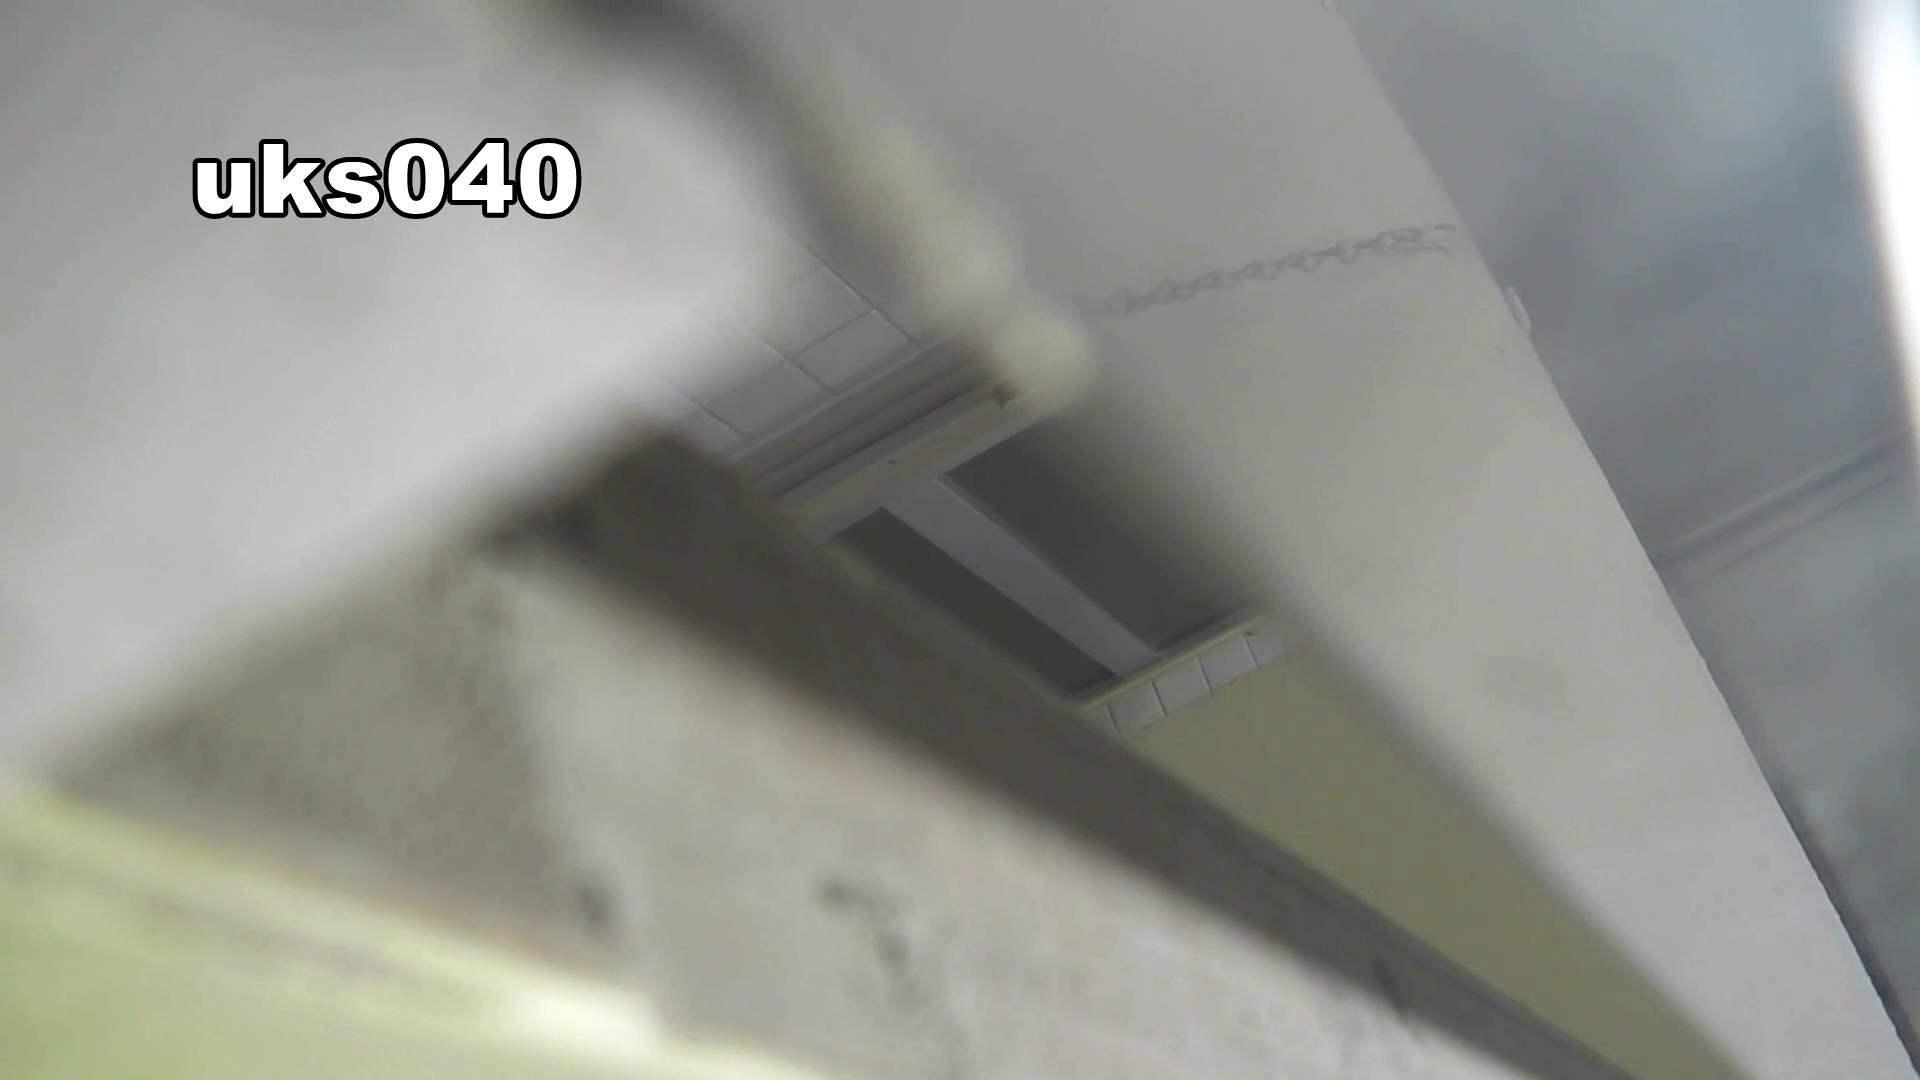 【美しき個室な世界】 vol.040 出て行かれる時の清楚姿撮り 洗面所シーン 濡れ場動画紹介 101画像 95